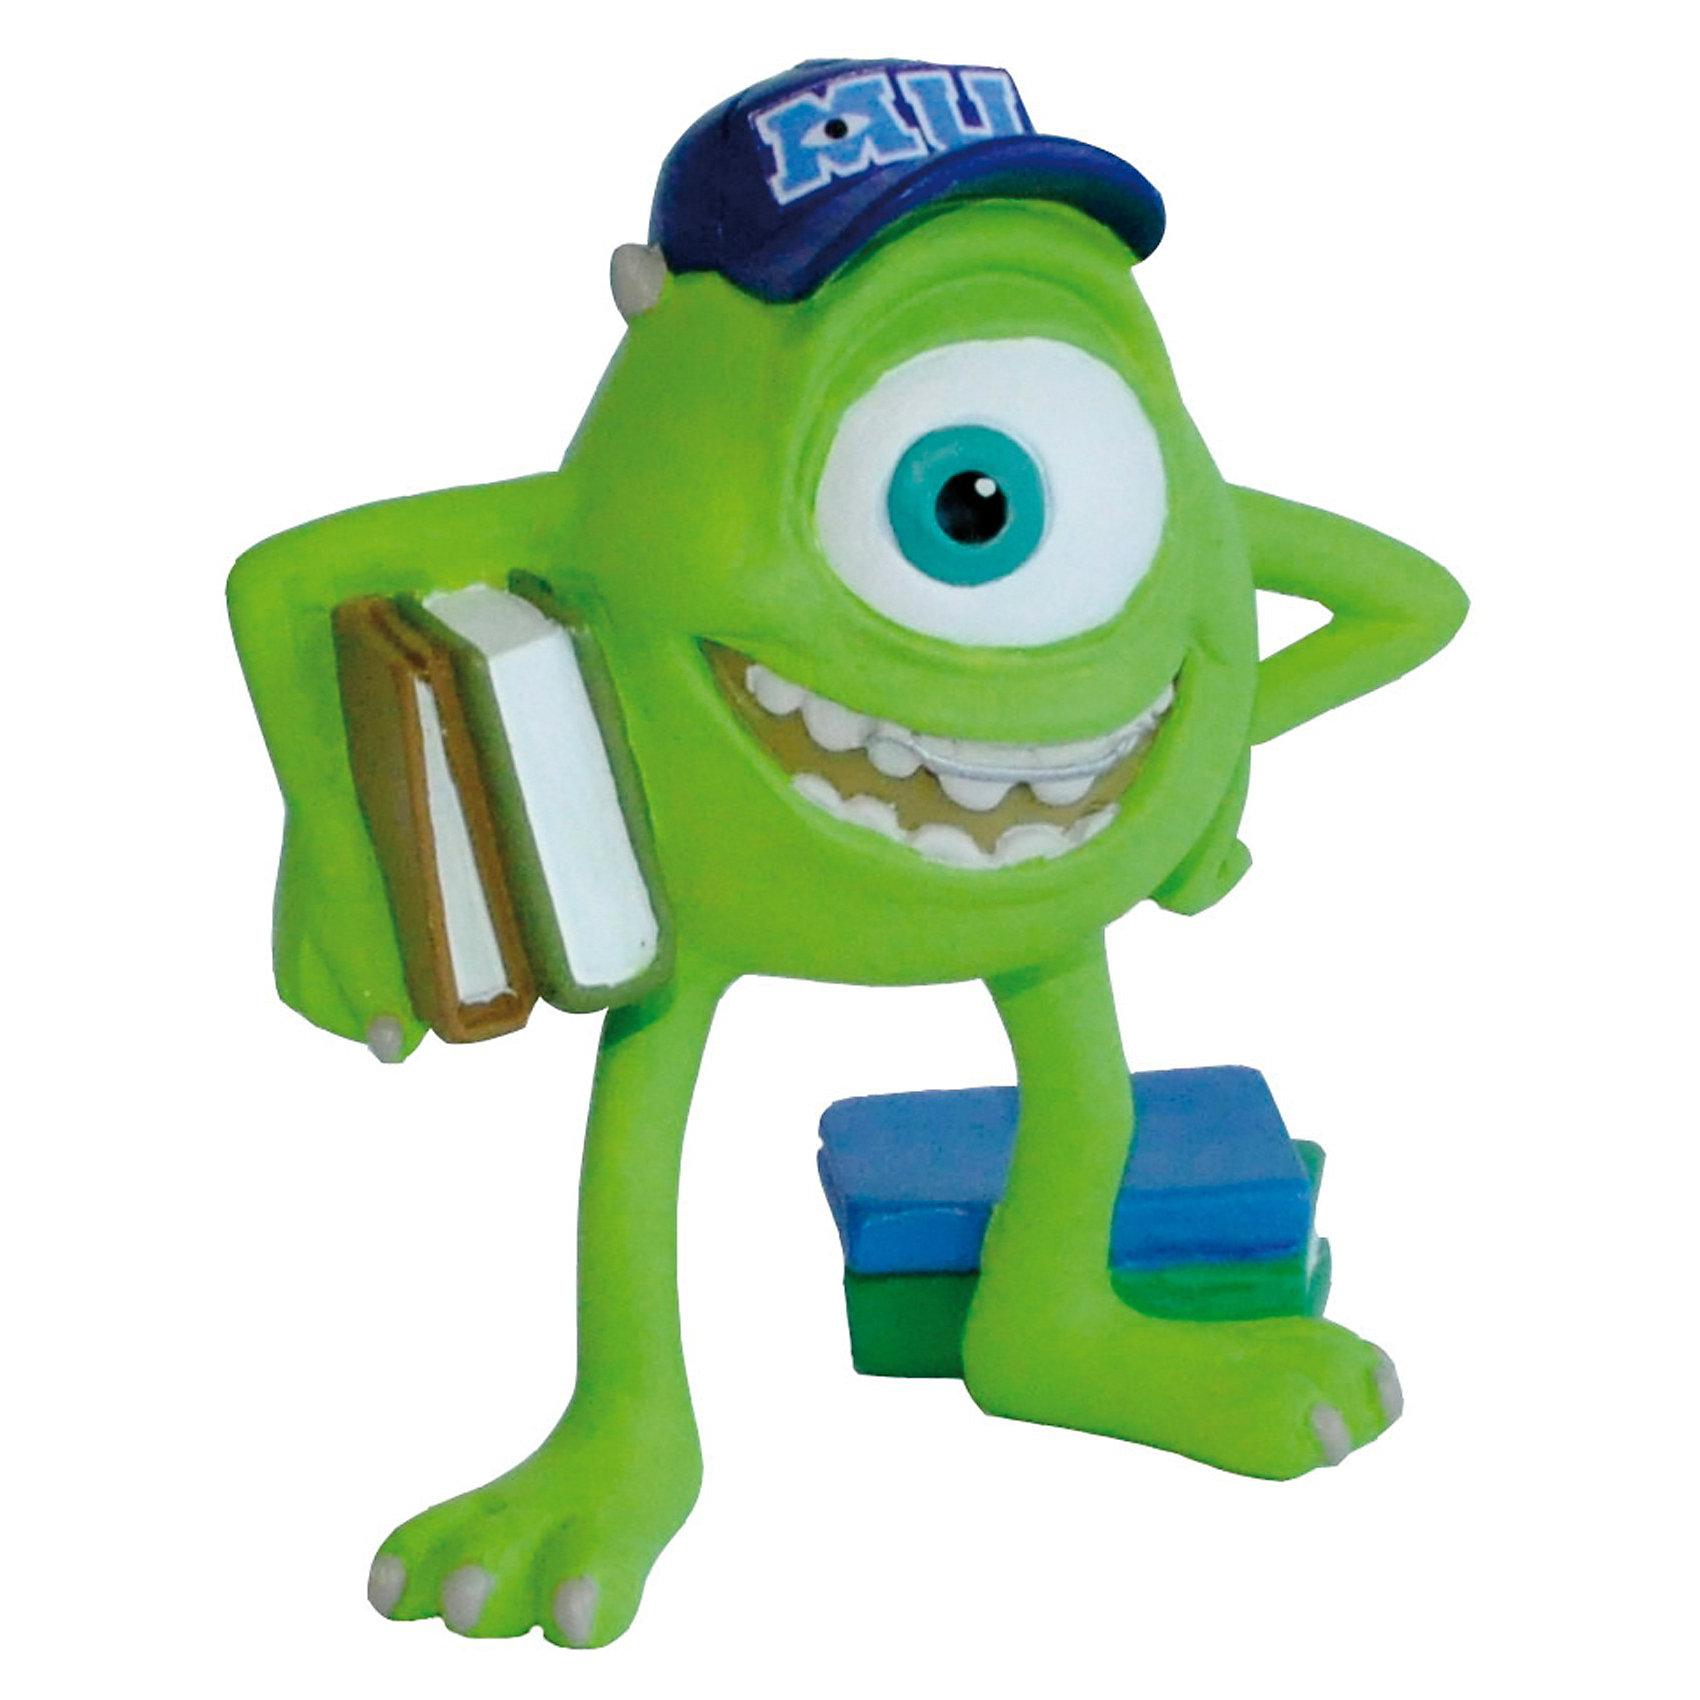 Фигурка Майк, Университет МонстровУниверситет монстров<br>Фигурка монстрика Майкла, из мультфильма компании Пиксар, «Университет Монстров». Очень забавный одноглазый монстрик - обладатель коротких рожек на зеленой голове. Самая большая мечта Майка – стать лучшим пугателем. А для этого нужно окончить Университет Монстров. Но вместе с другом Салли он был исключен со Страшильного факультета Университета. Фигурка Майка, милого и забавного монстра, в студенческие годы в бейсболке и с книжкой в руке. Игрушка выполнена из высококачественных, нетоксичных материалов и безопасна для детей. <br><br>Дополнительная информация:<br><br>Размер:6 см <br>Материал: термопластичный каучук высокого качества. <br> <br>Фигурку Майк, Университет Монстров можно купить в нашем магазине.<br><br>Ширина мм: 74<br>Глубина мм: 68<br>Высота мм: 38<br>Вес г: 28<br>Возраст от месяцев: 36<br>Возраст до месяцев: 96<br>Пол: Унисекс<br>Возраст: Детский<br>SKU: 3188736